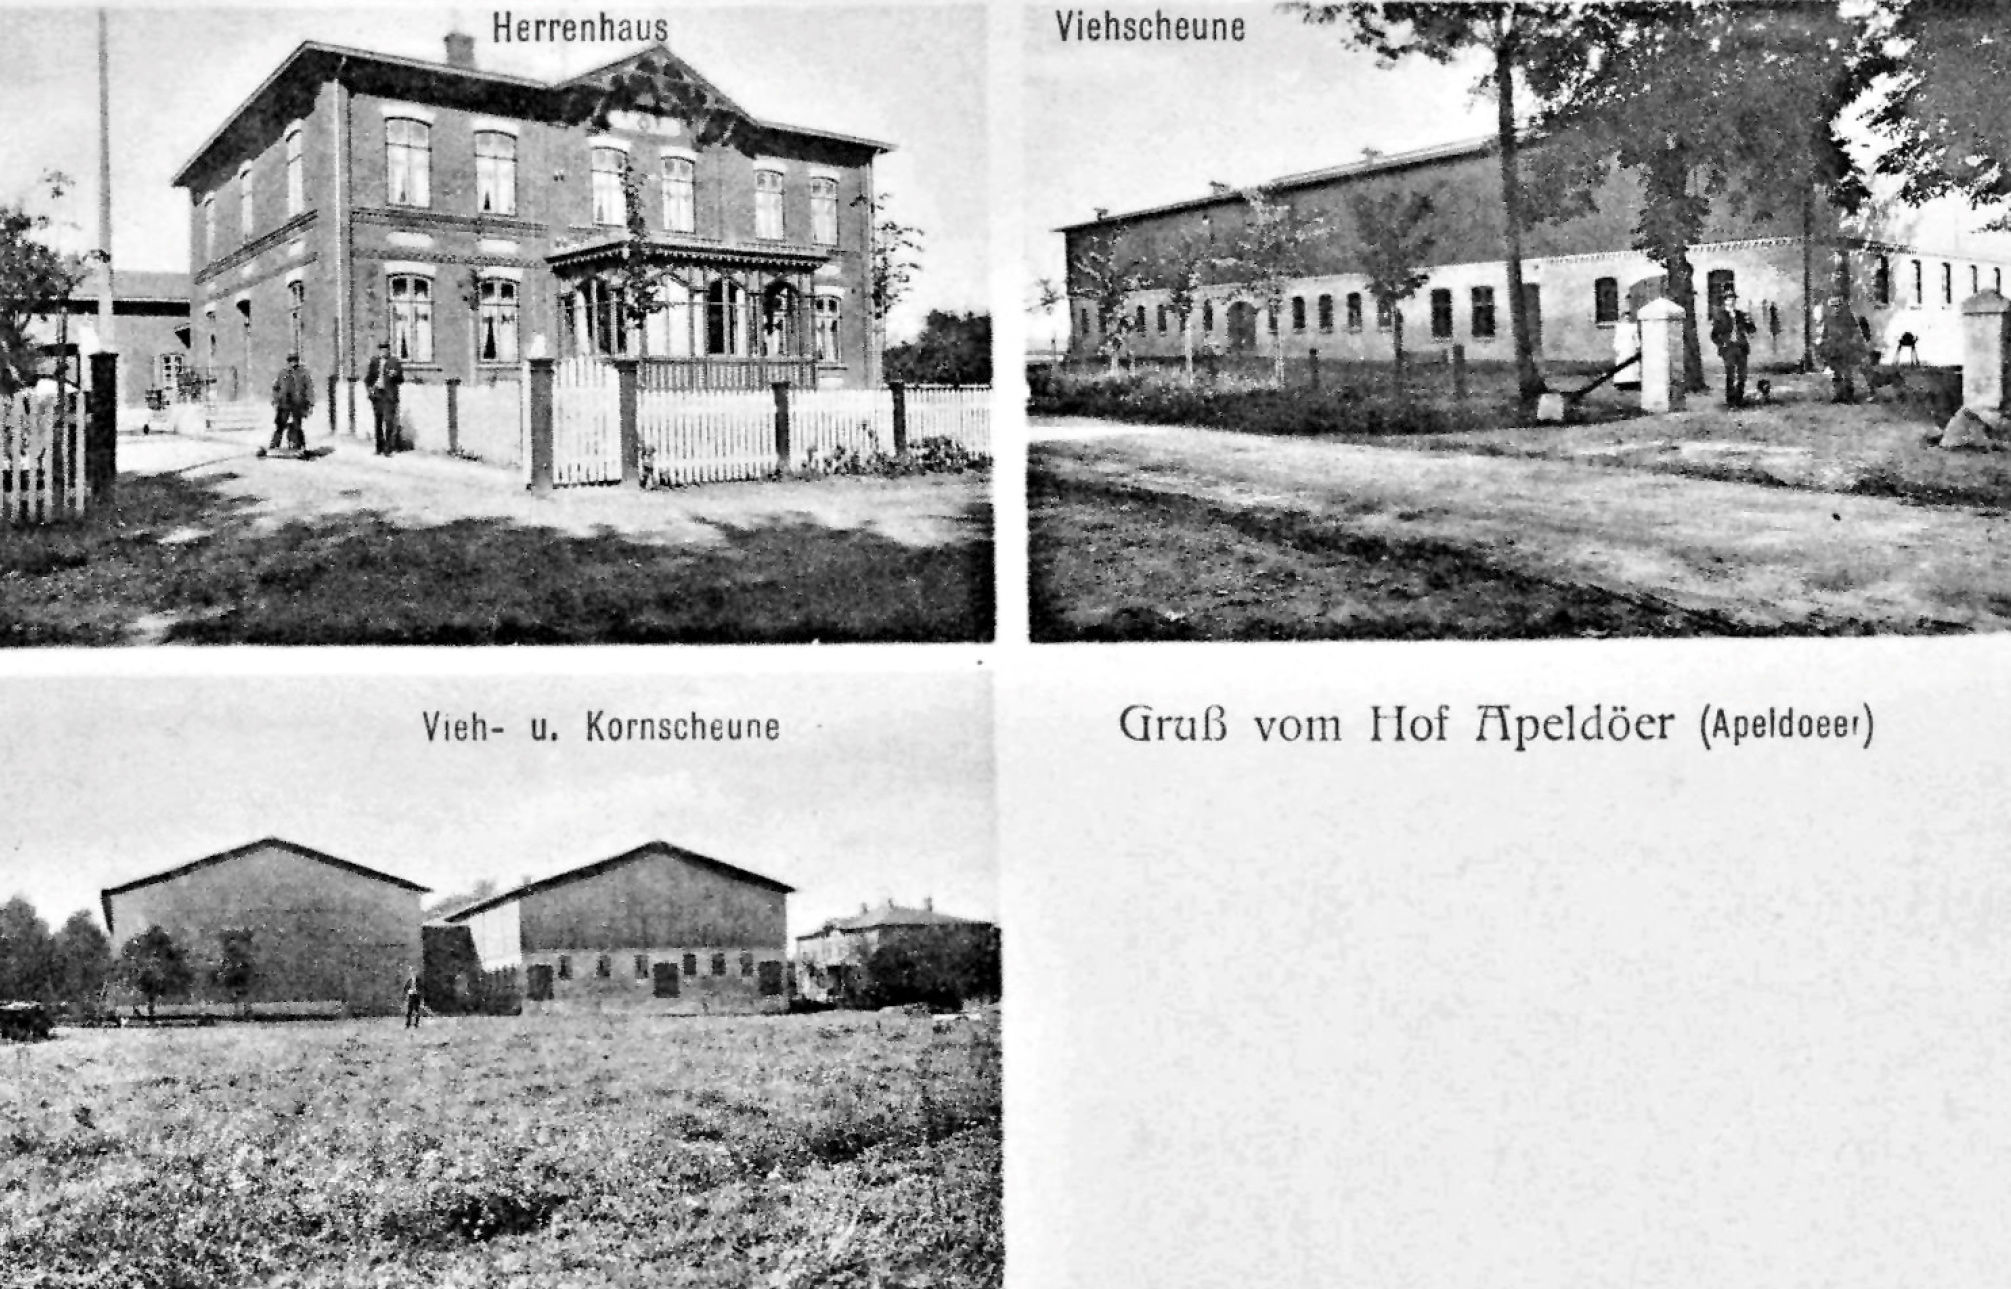 dorf_bilder/Chronik-Hennstedt-236.jpg